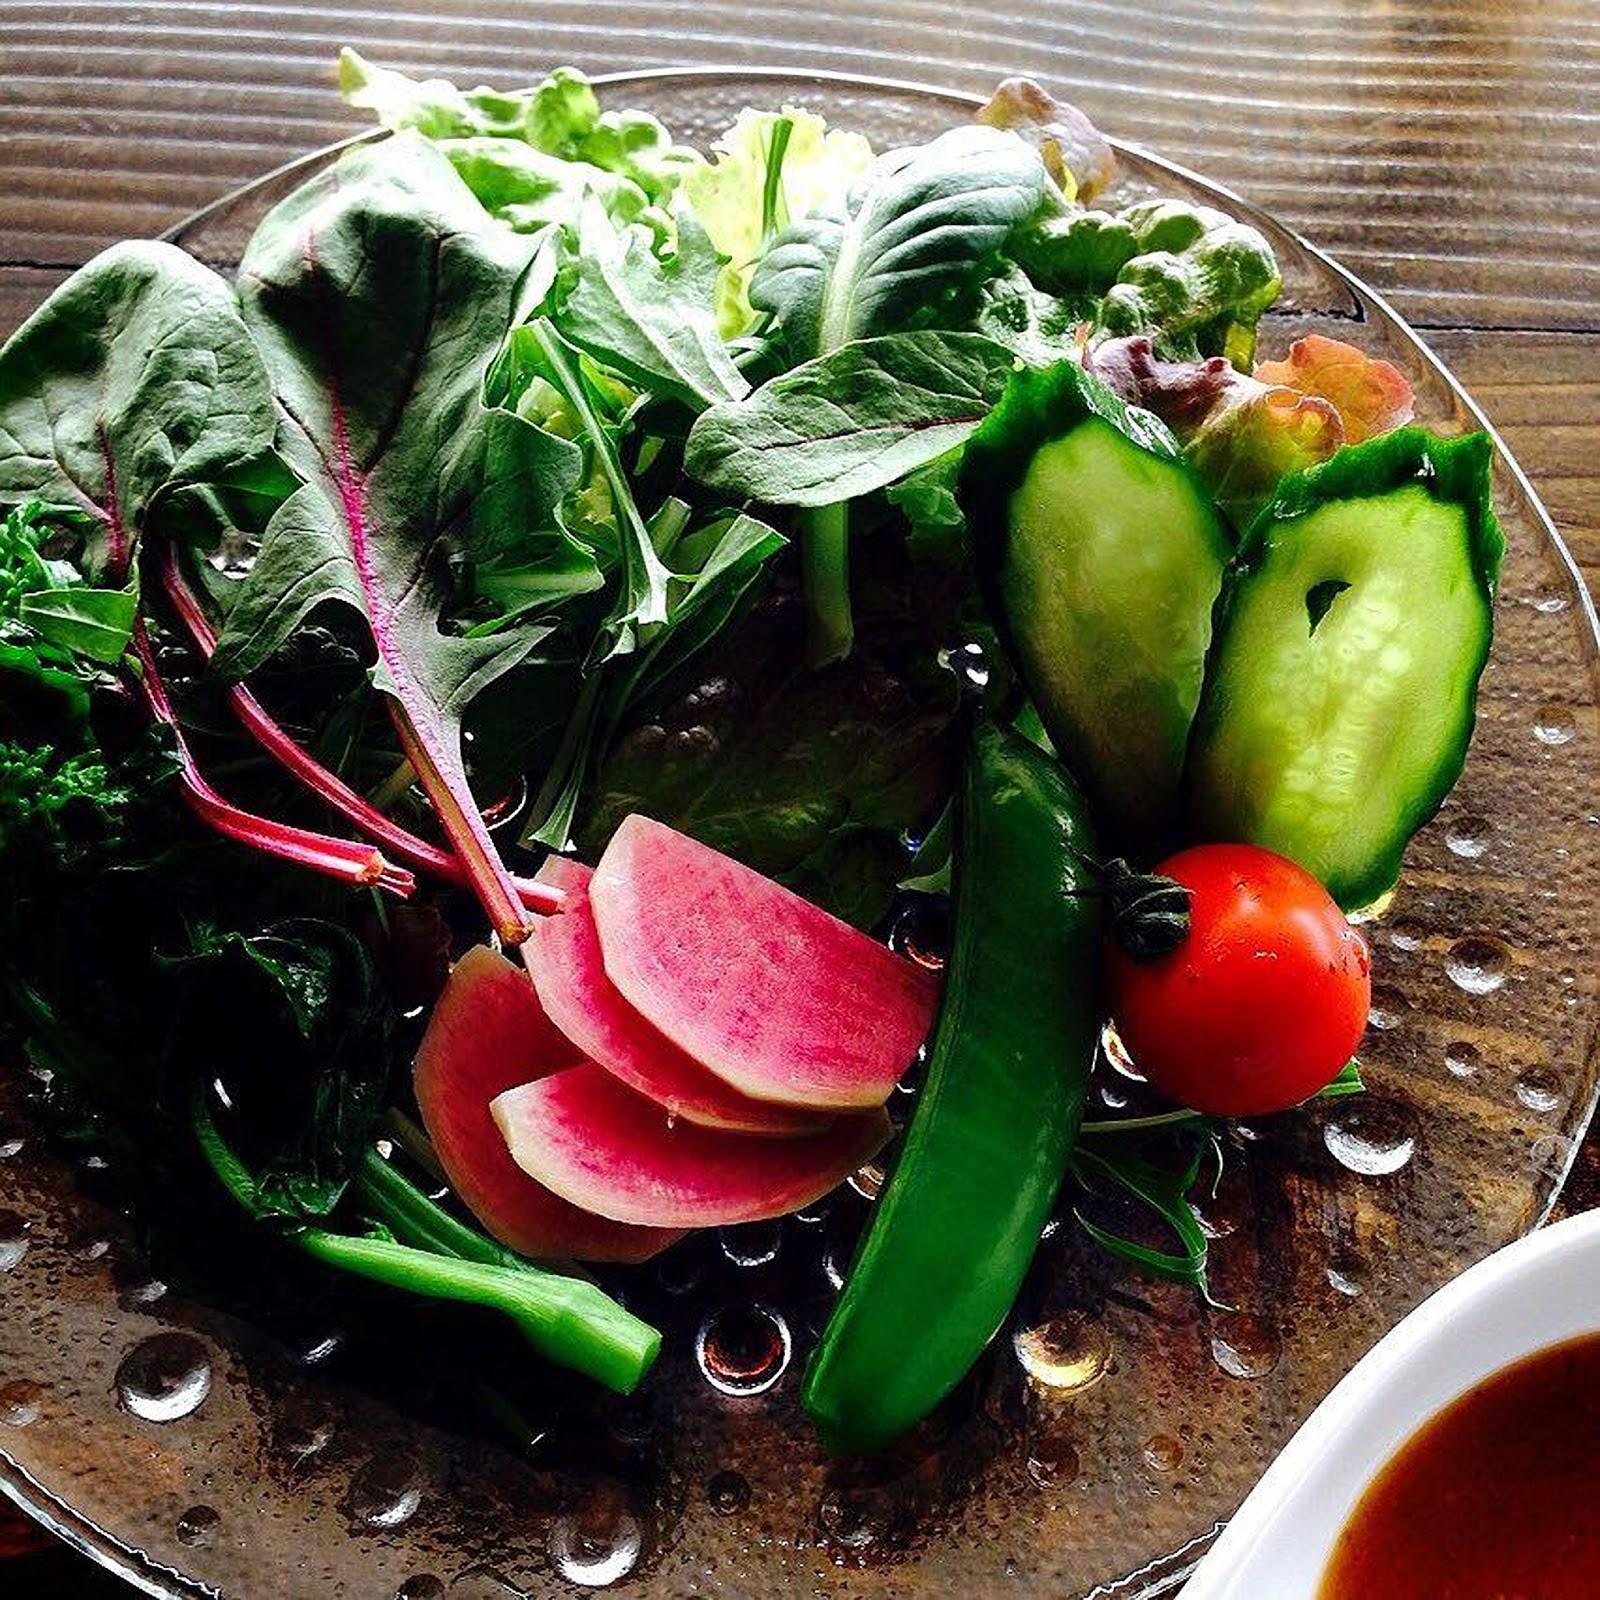 #怪奇鵝絨冰(3):#賀茂茄子鵝絨冰|#京都與峇里島的結合 #當京野菜遇見南國風 | 極致鵝絨日式刨冰機 ...